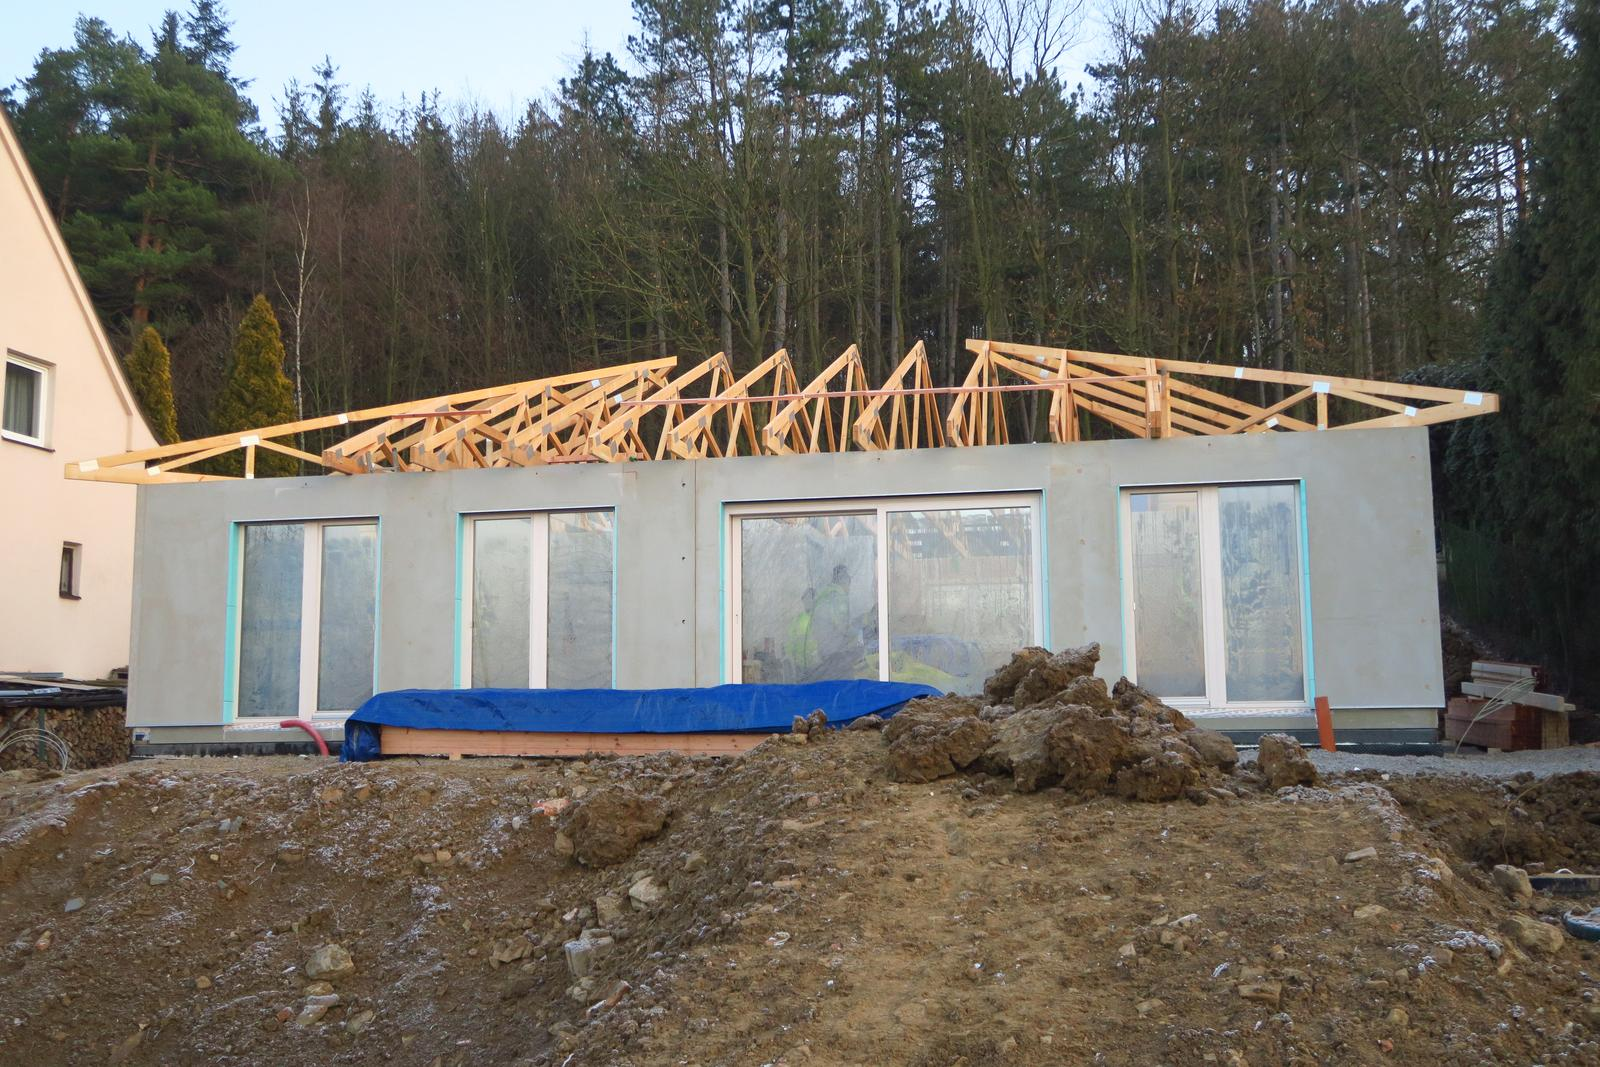 Stavba našeho bungalovu ve svahu - Obrázek č. 46